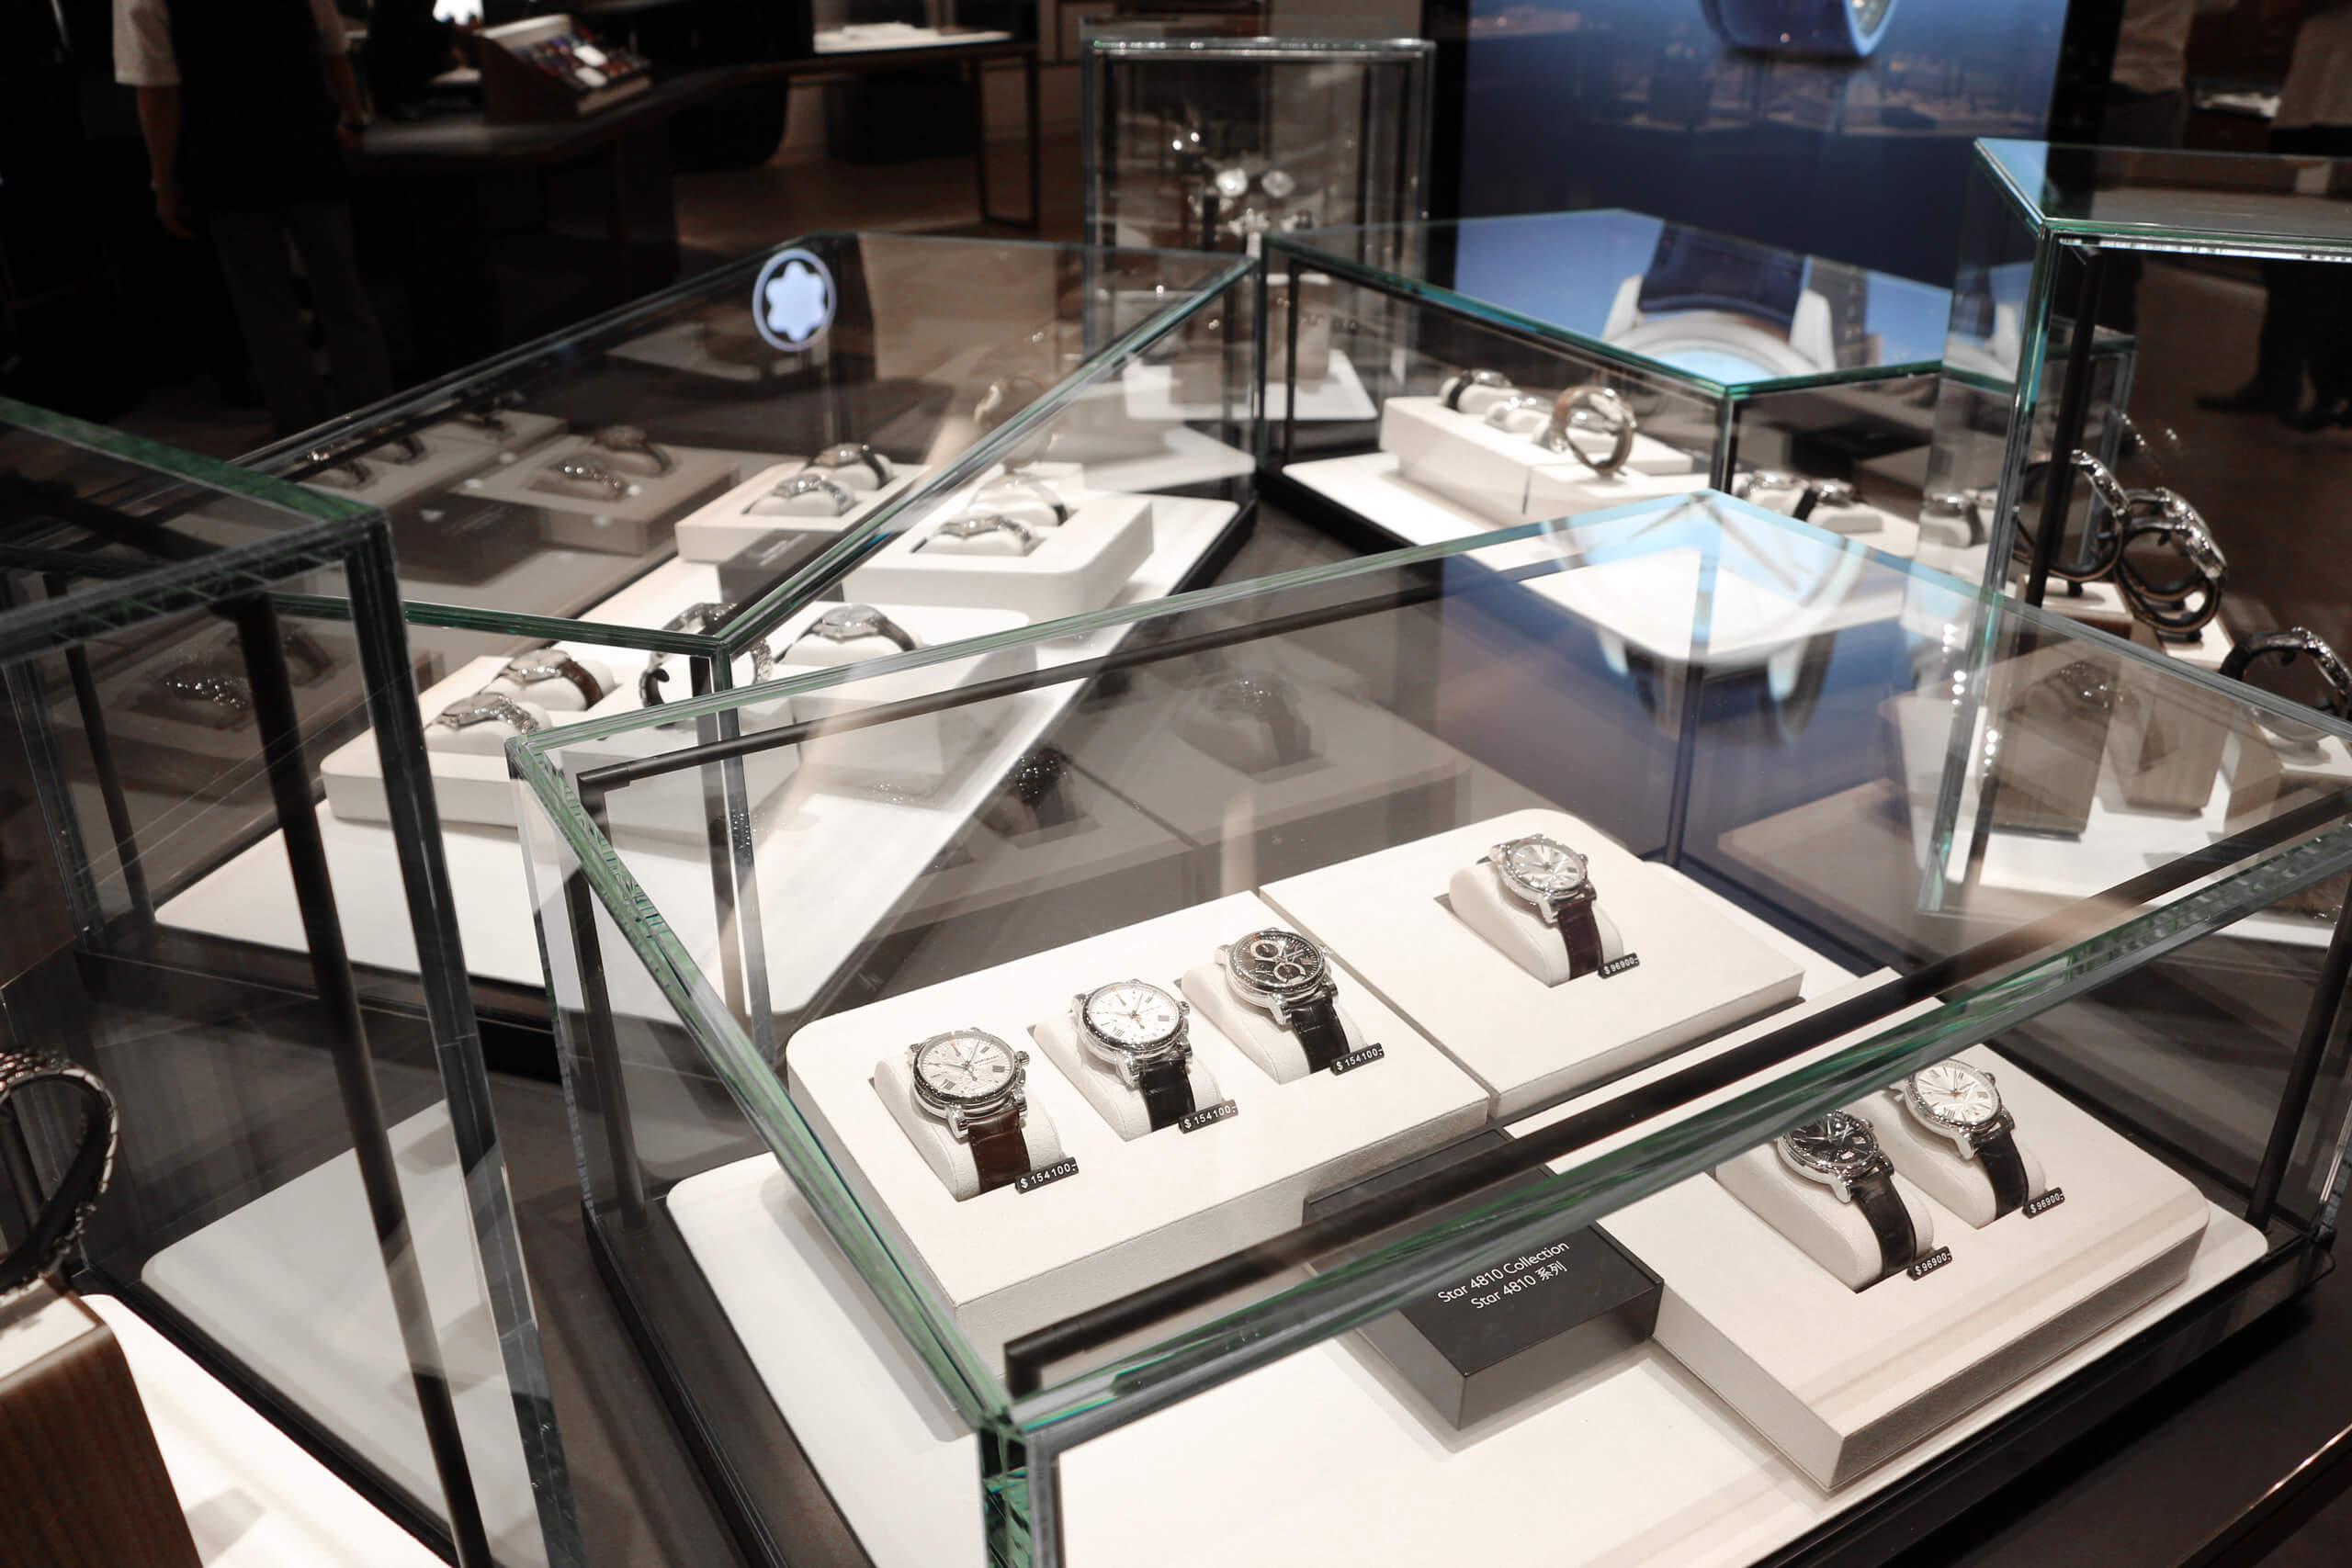 montblanc-pos-display-3